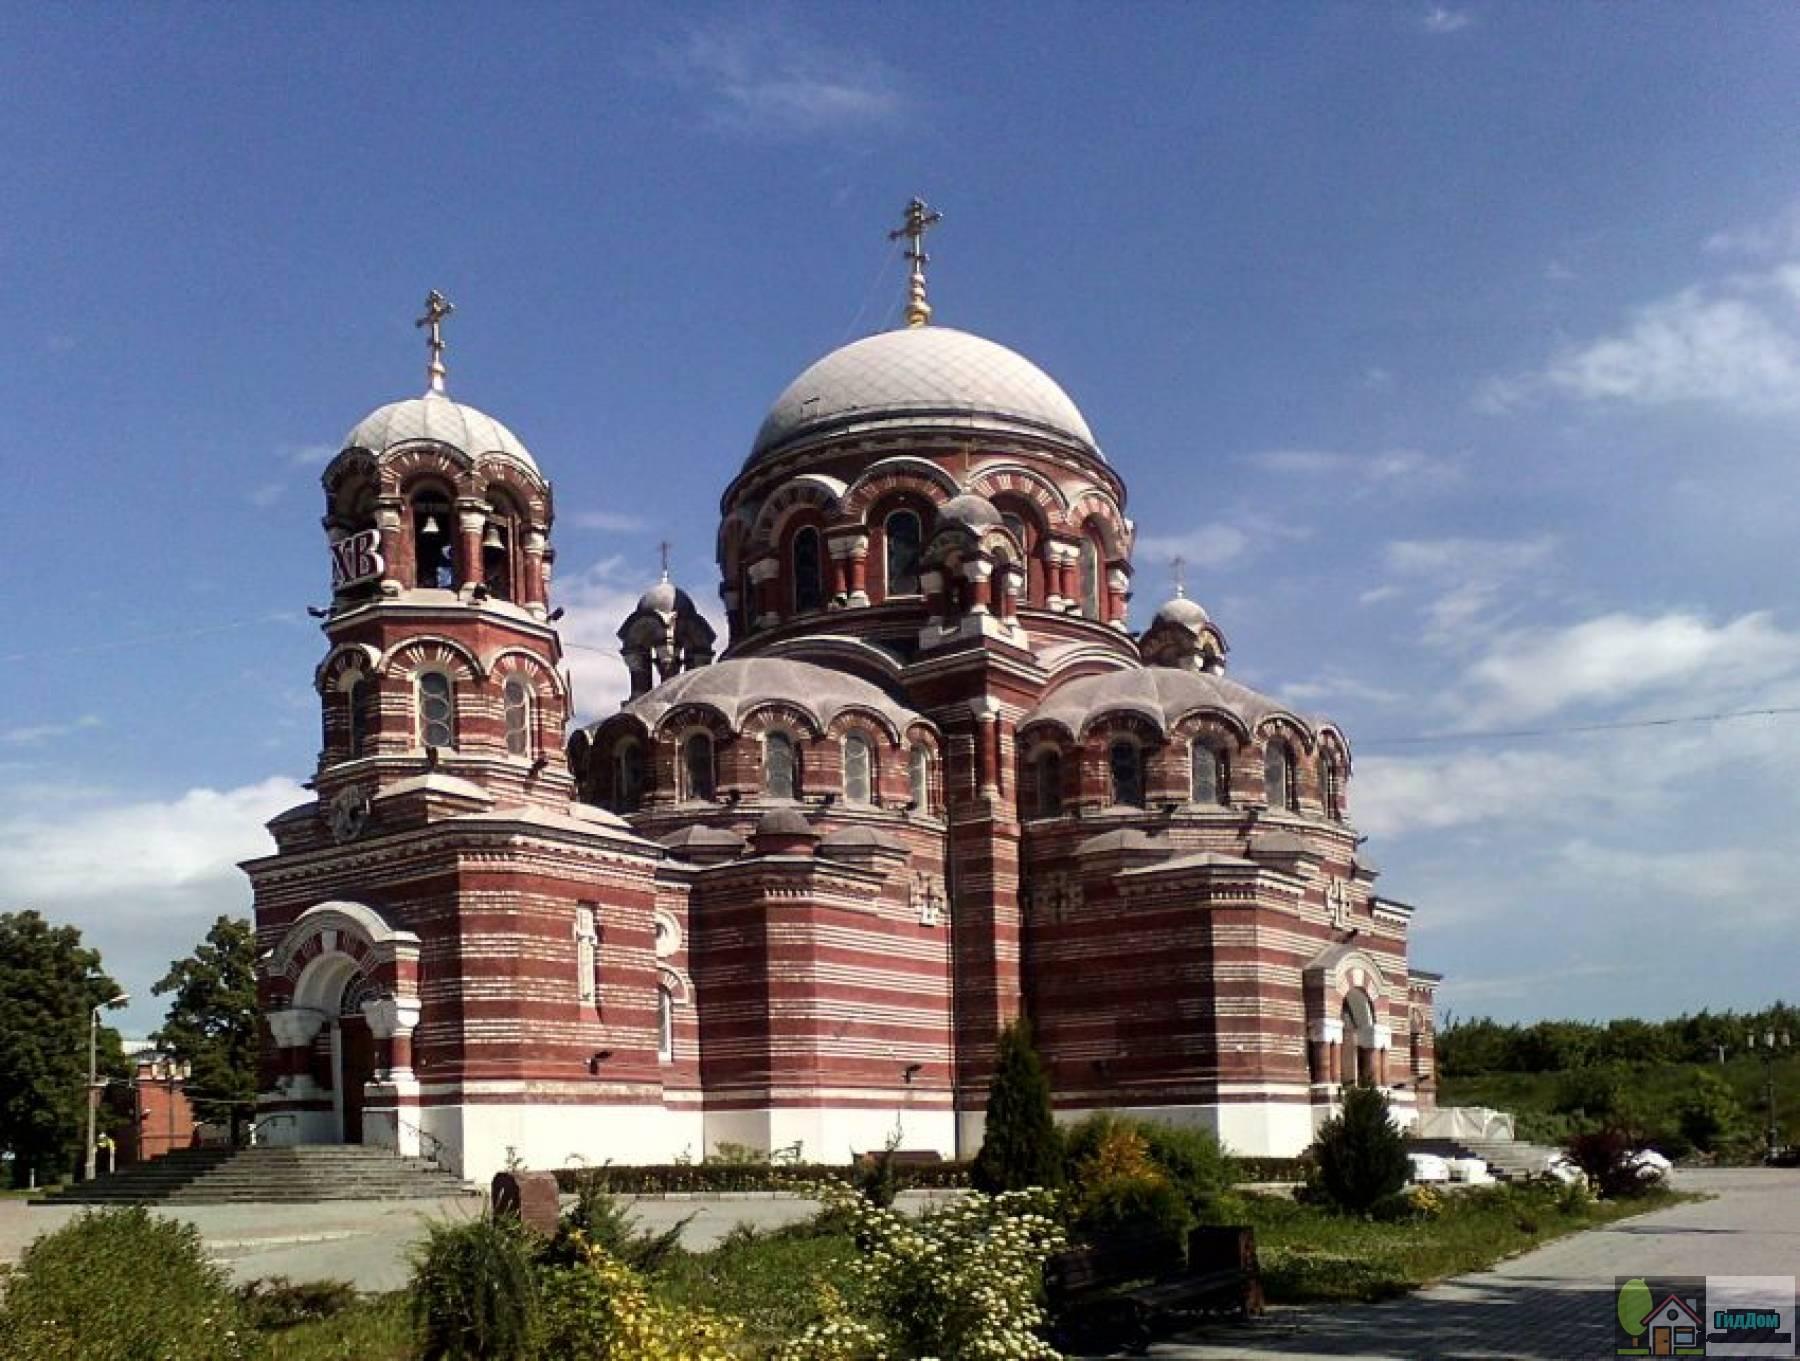 Троицкая церковь в Щурове. Снимок загружен из открытых источников. Автор неизвестен.